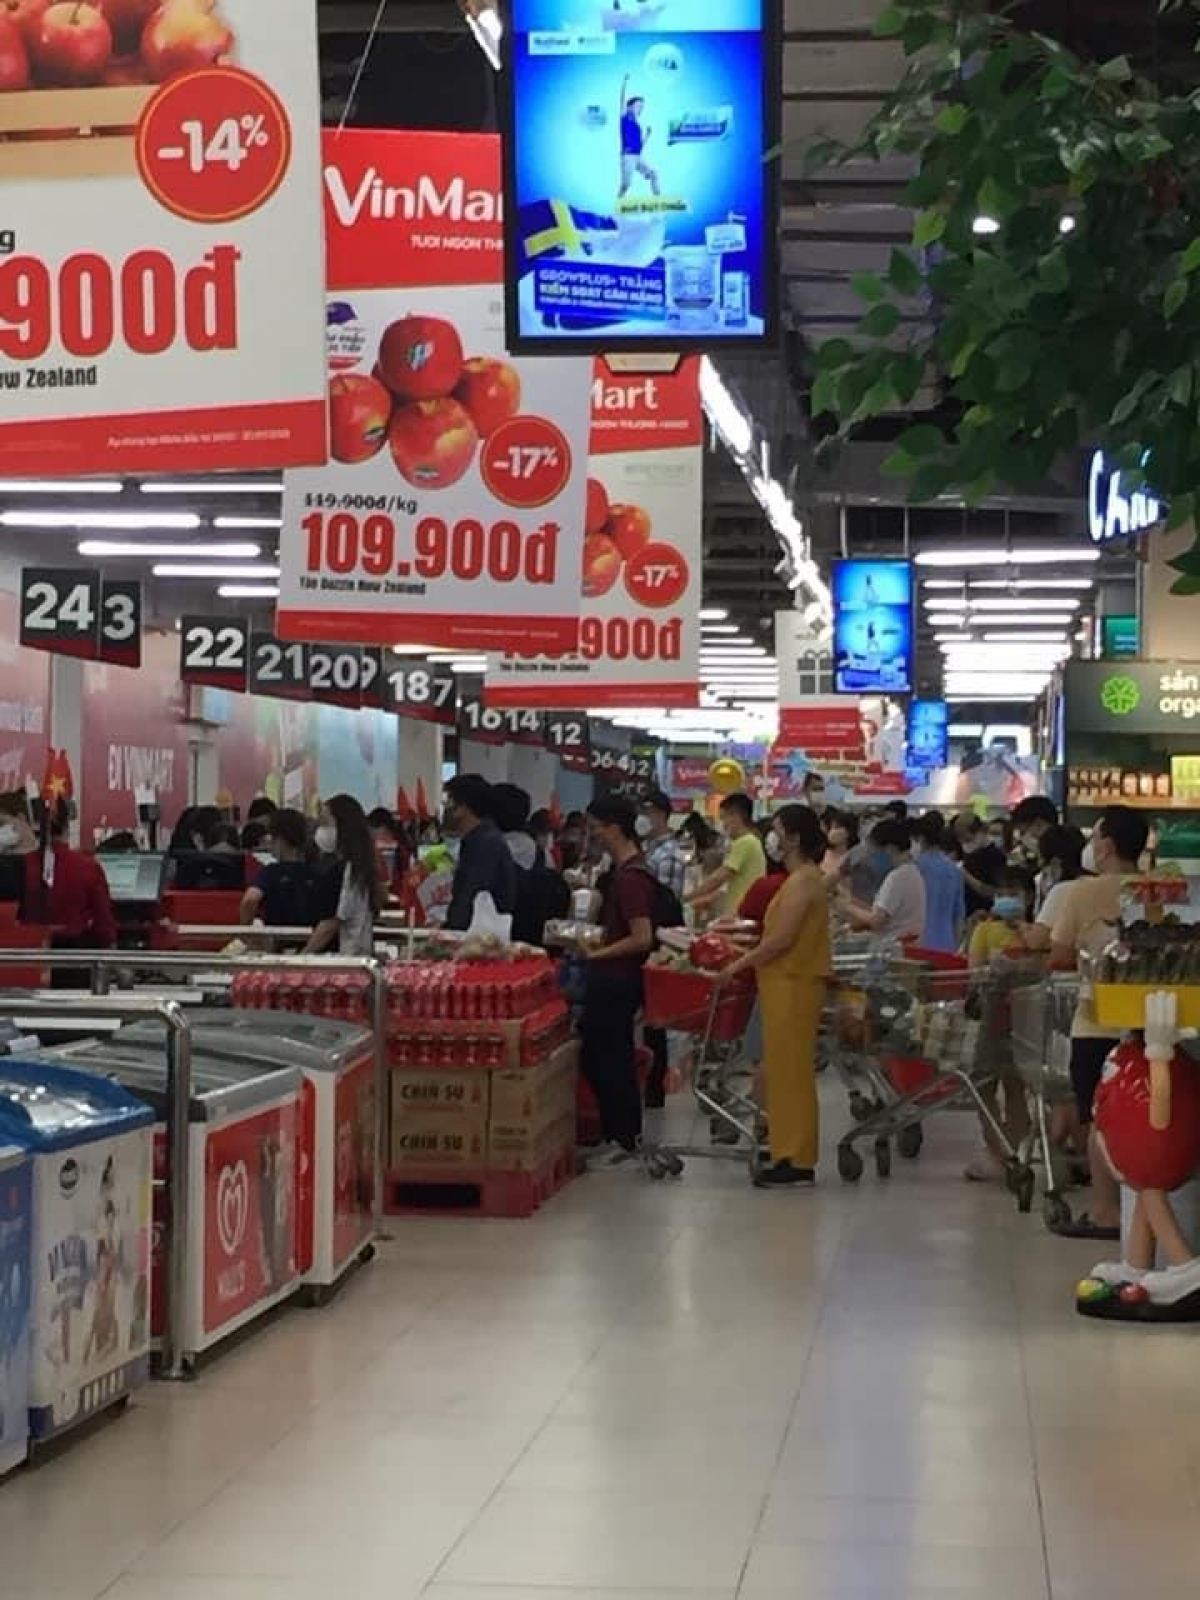 """Tối 23/7, lượng khách tới một số siêu thị ở Hà Nội <a href=""""https://vov.vn/kinh-te/thi-truong/van-con-nguoi-nghe-don-ha-noi-sap-phong-toa-lao-vao-sieu-thi-vo-vet-do-876507.vov"""">mua sắm tăng đột biến</a>. Cá biệt là ở siêu thị Vinmart trong khu đô thị Times City, có tình trạng chen chân mua hàng tích trữ khiến quầy thanh toán chật kín người."""